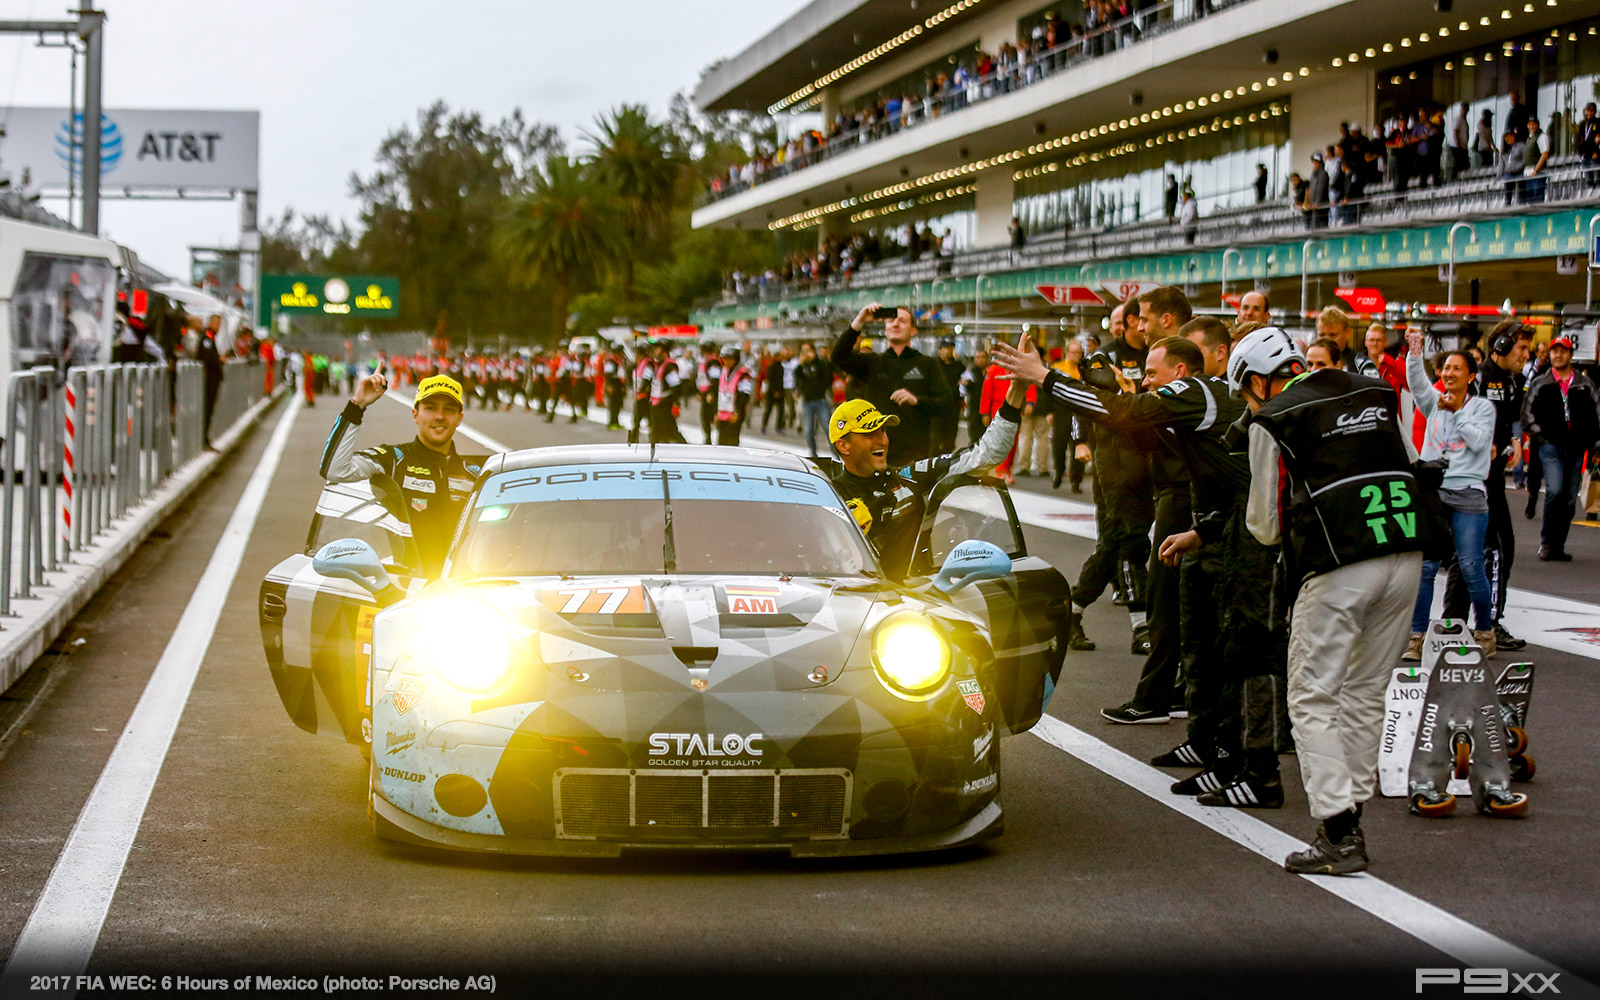 2017-FIA-WEC-6-HOURS-MEXICO-PORSCHE-1338